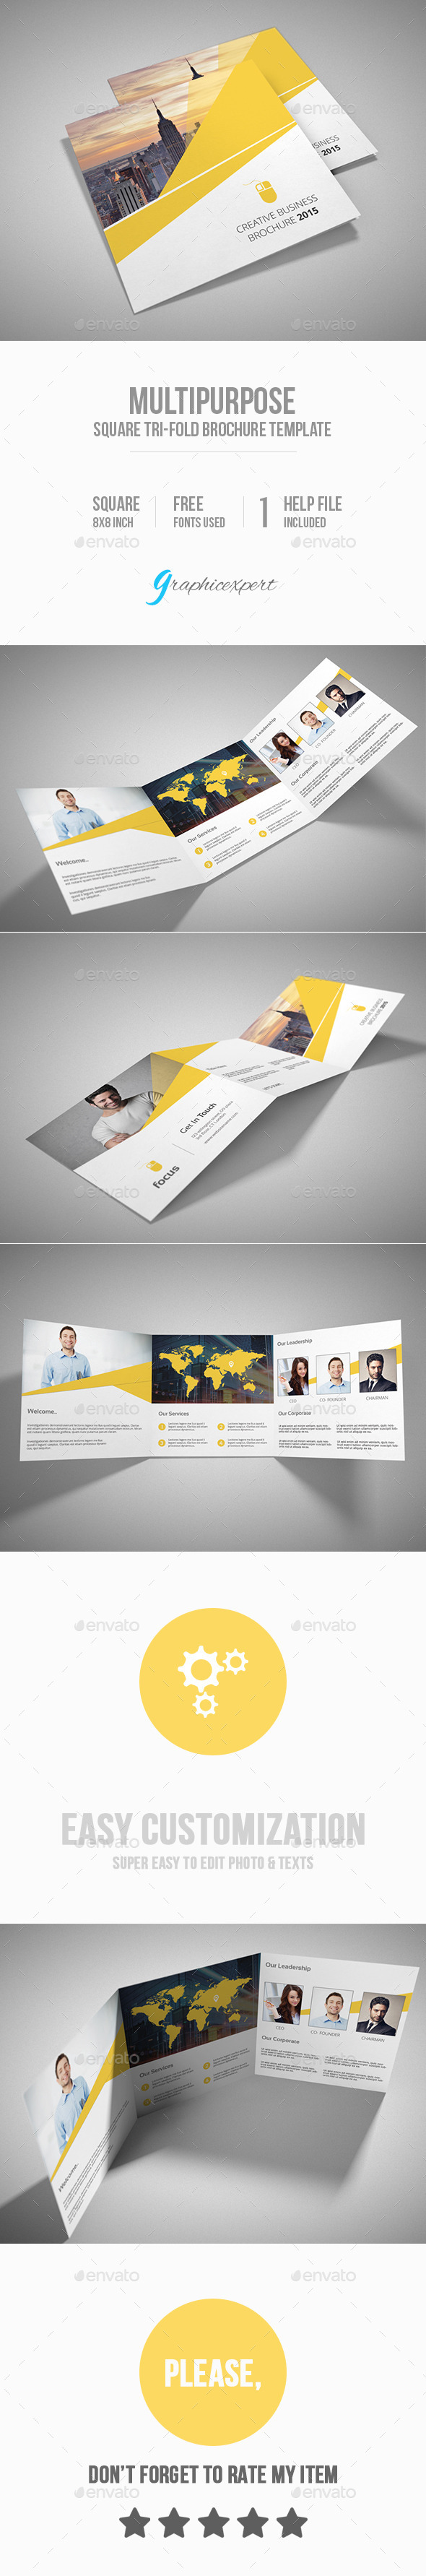 GraphicRiver Square Tri-Fold Brochure Multipurpose 10184486